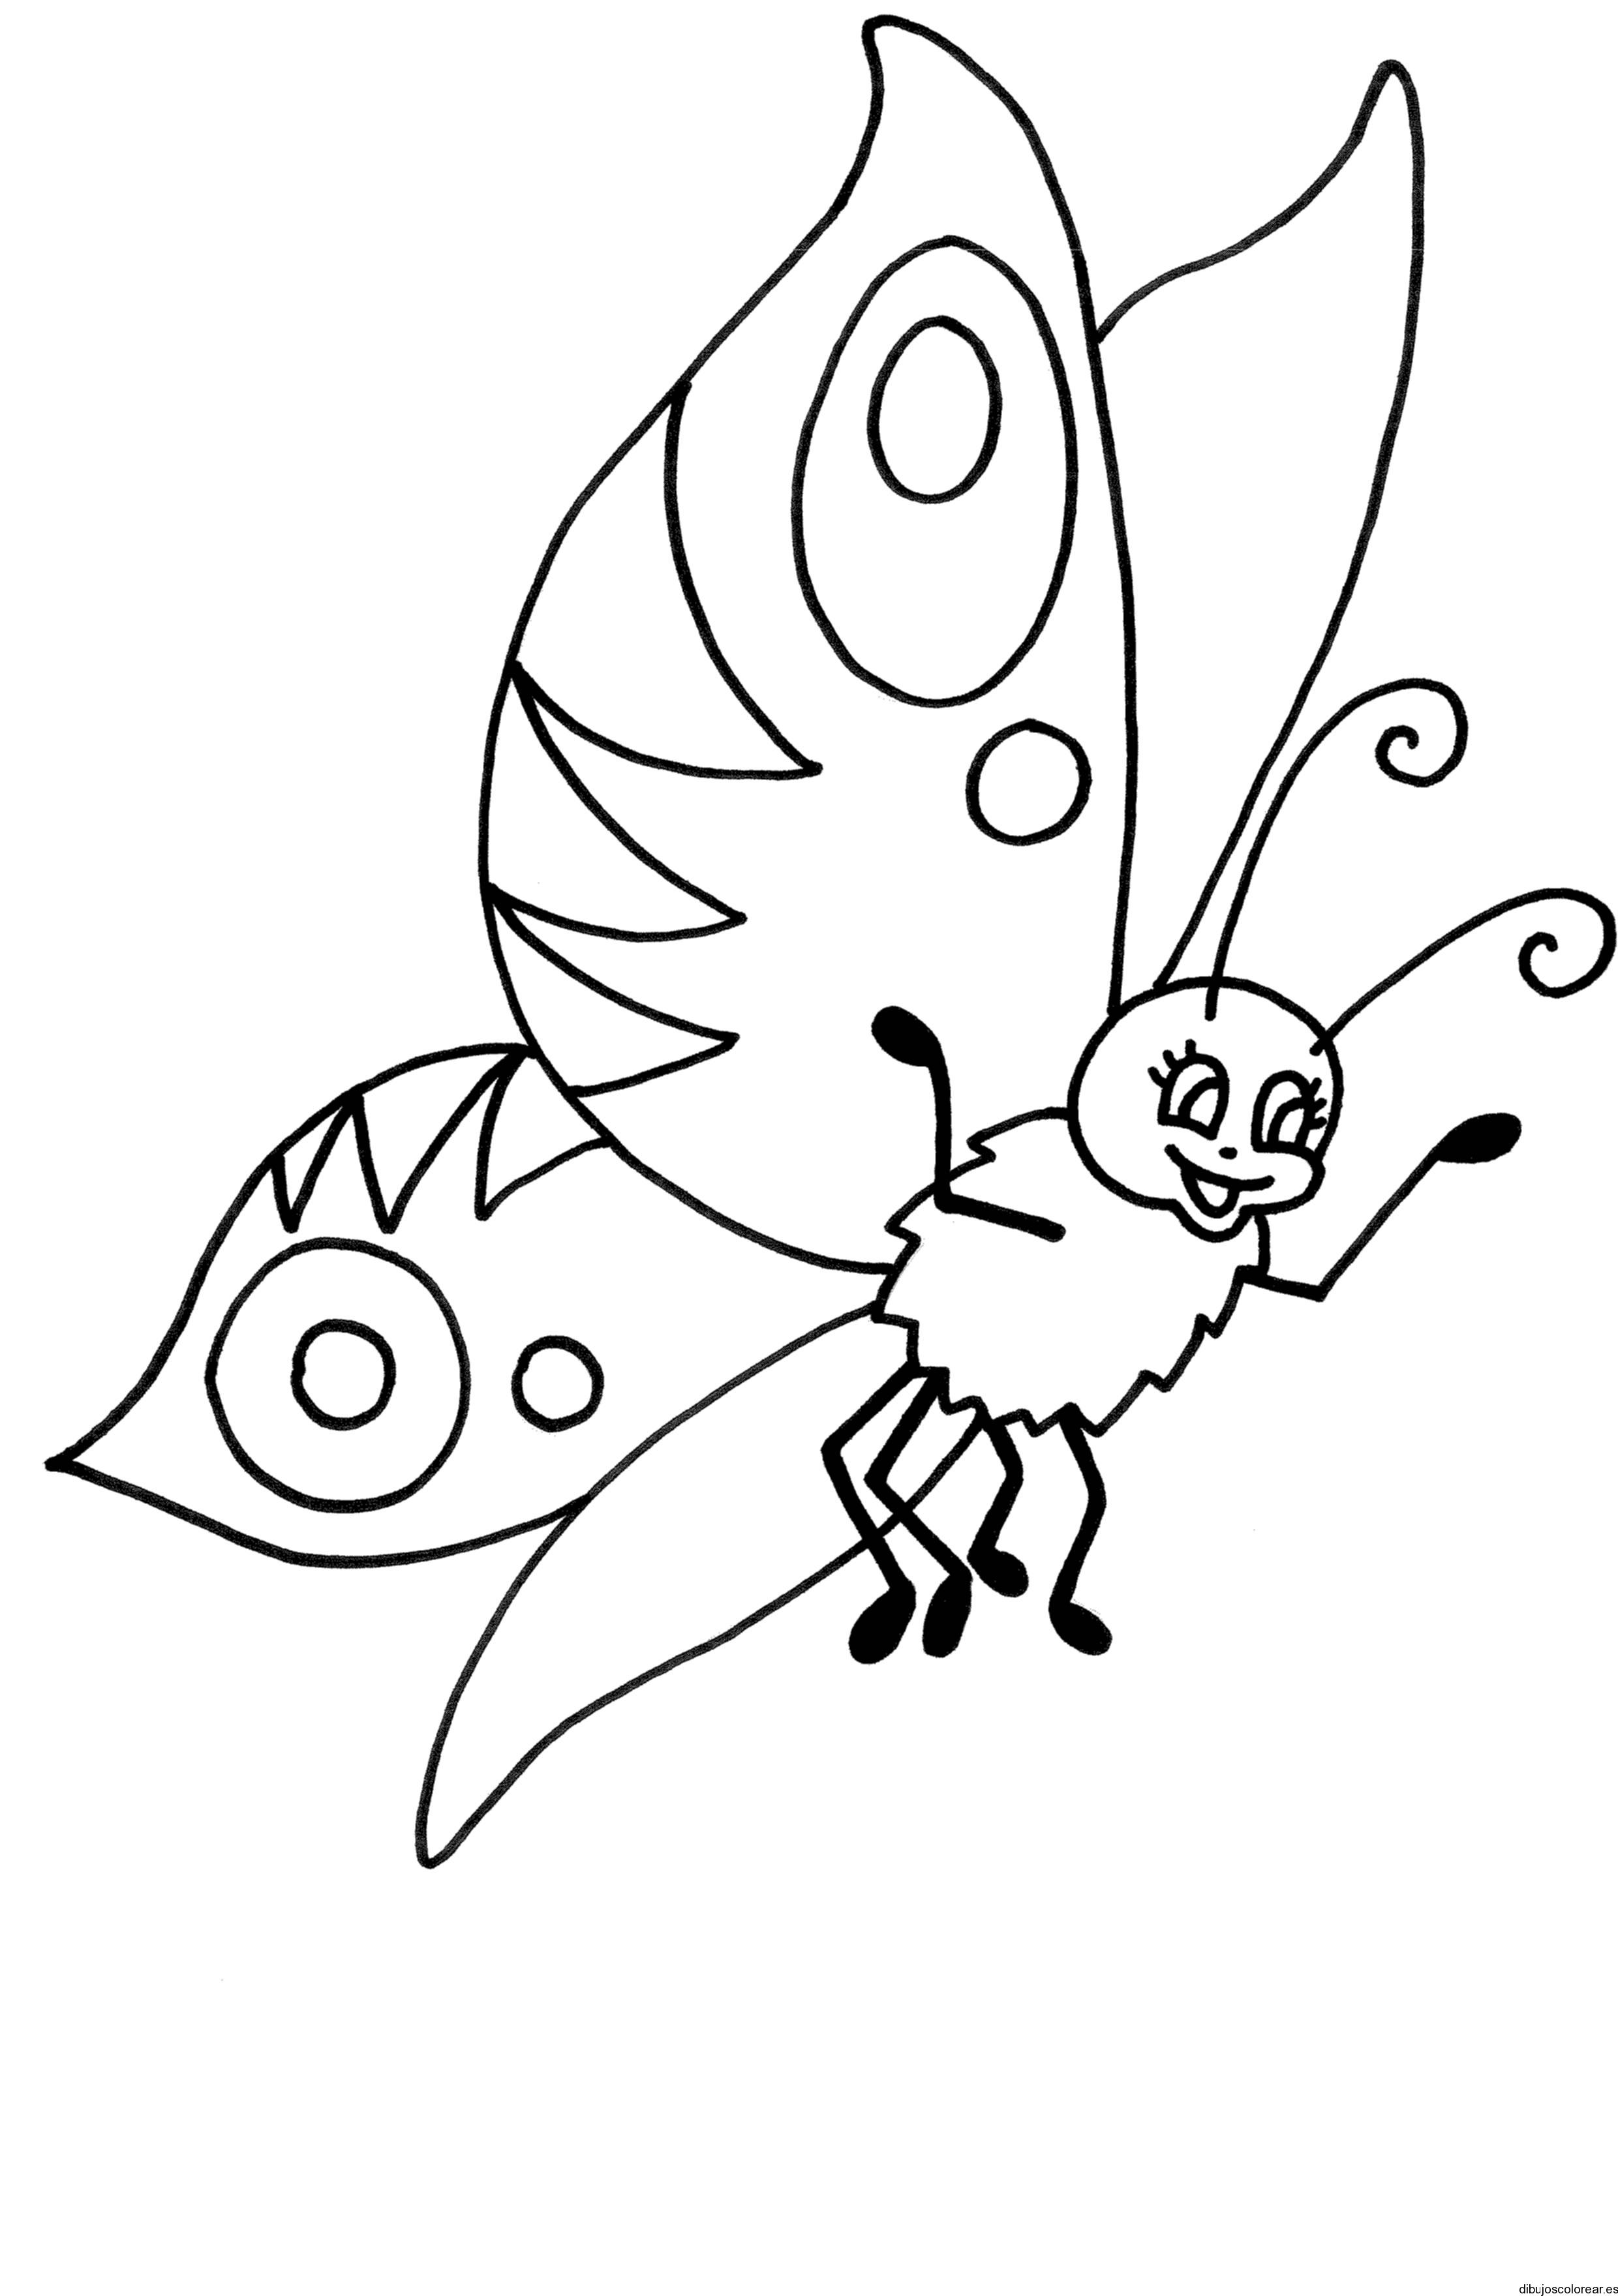 Dibujo de una mariposa pequeña